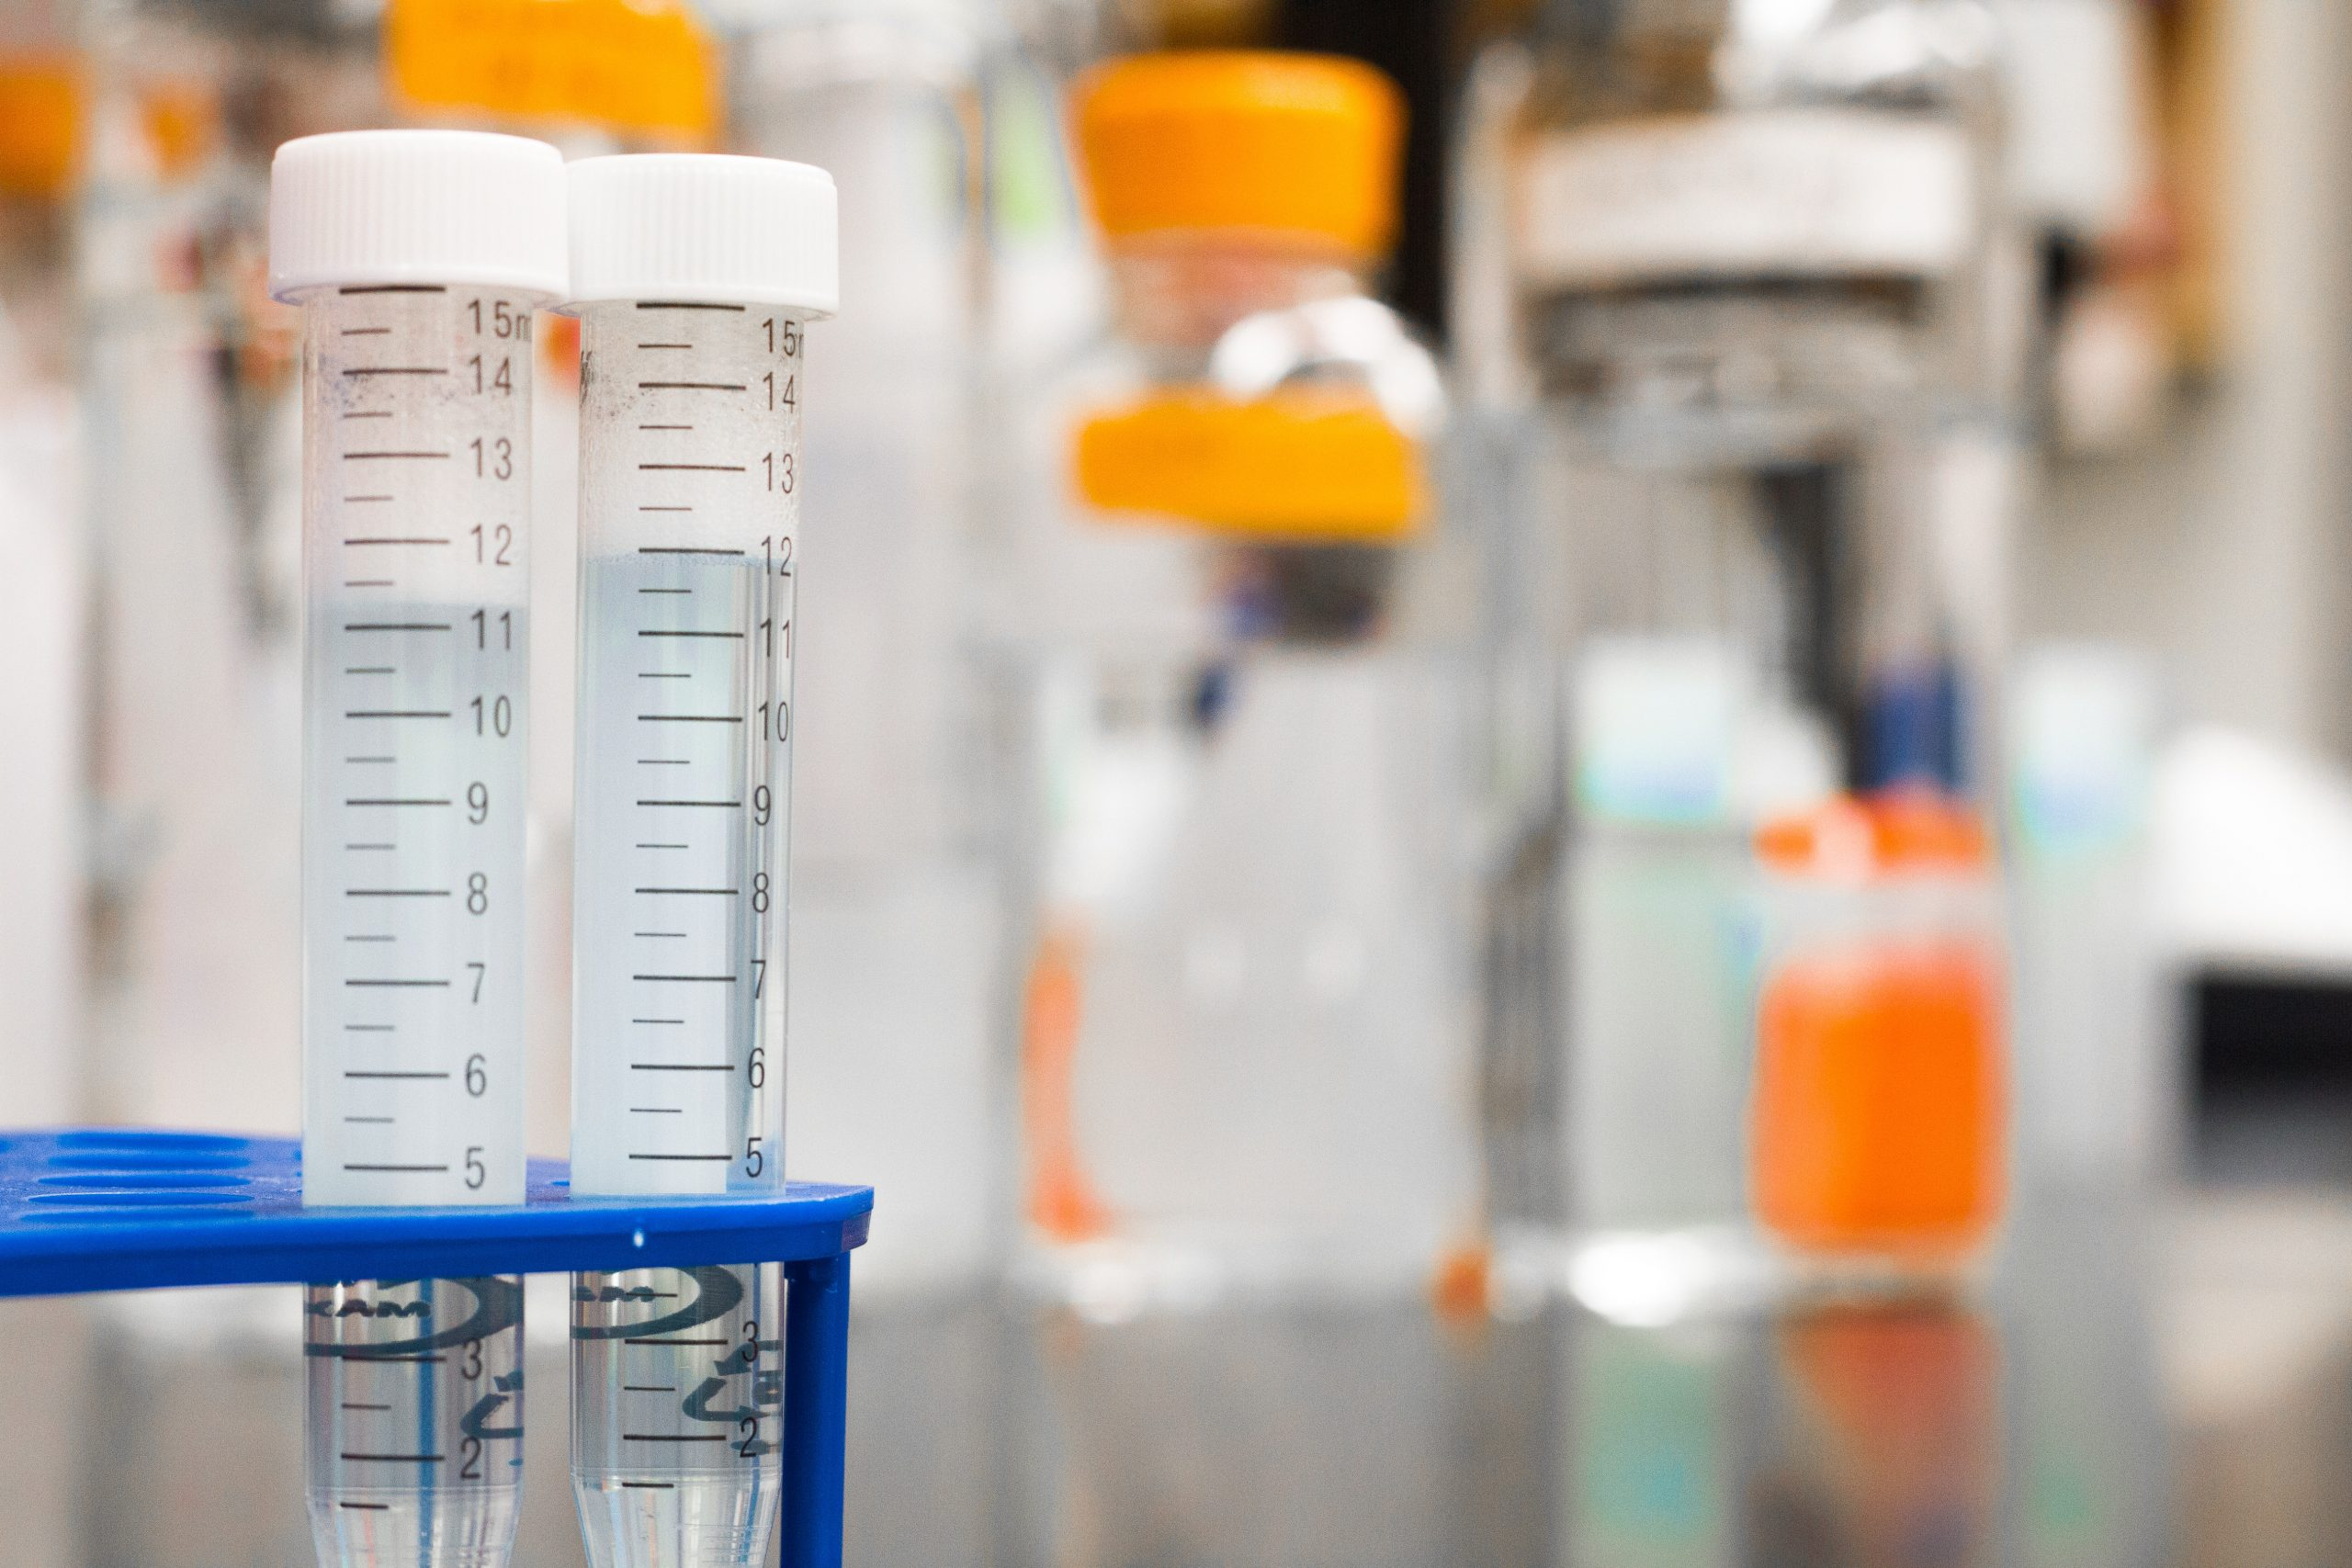 Test Tubes on Lab Table